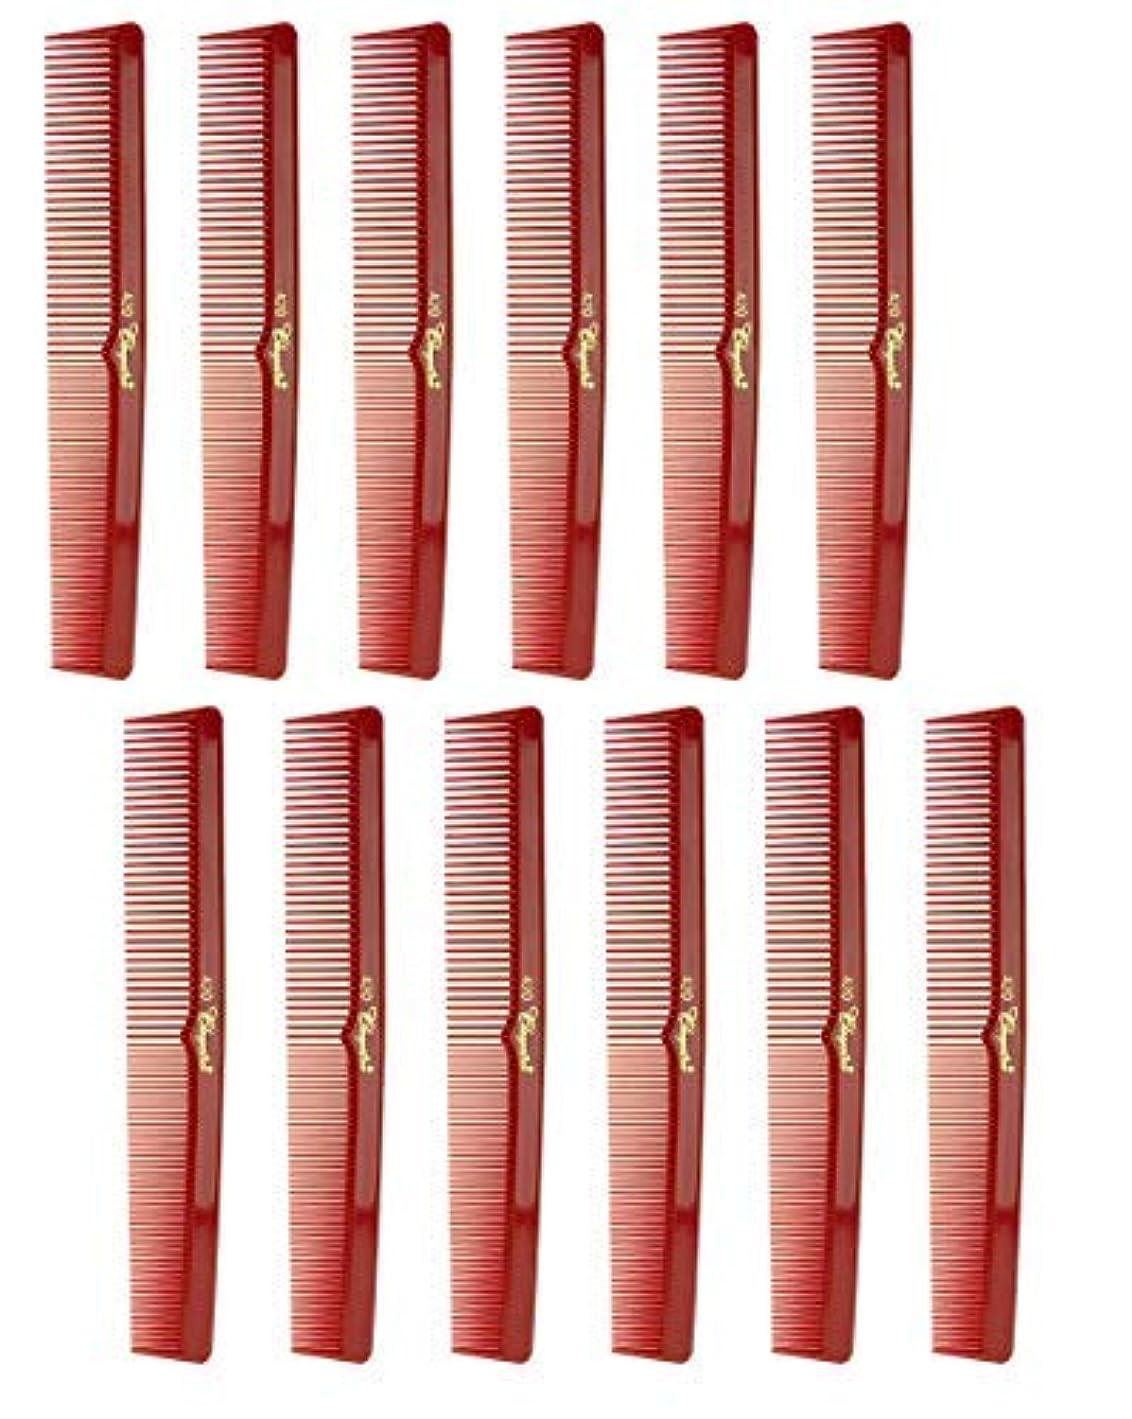 既に関連付ける好き7 Inch Hair Cutting Comb. Barber's & Hairstylist Combs. Red. 1 DZ. [並行輸入品]